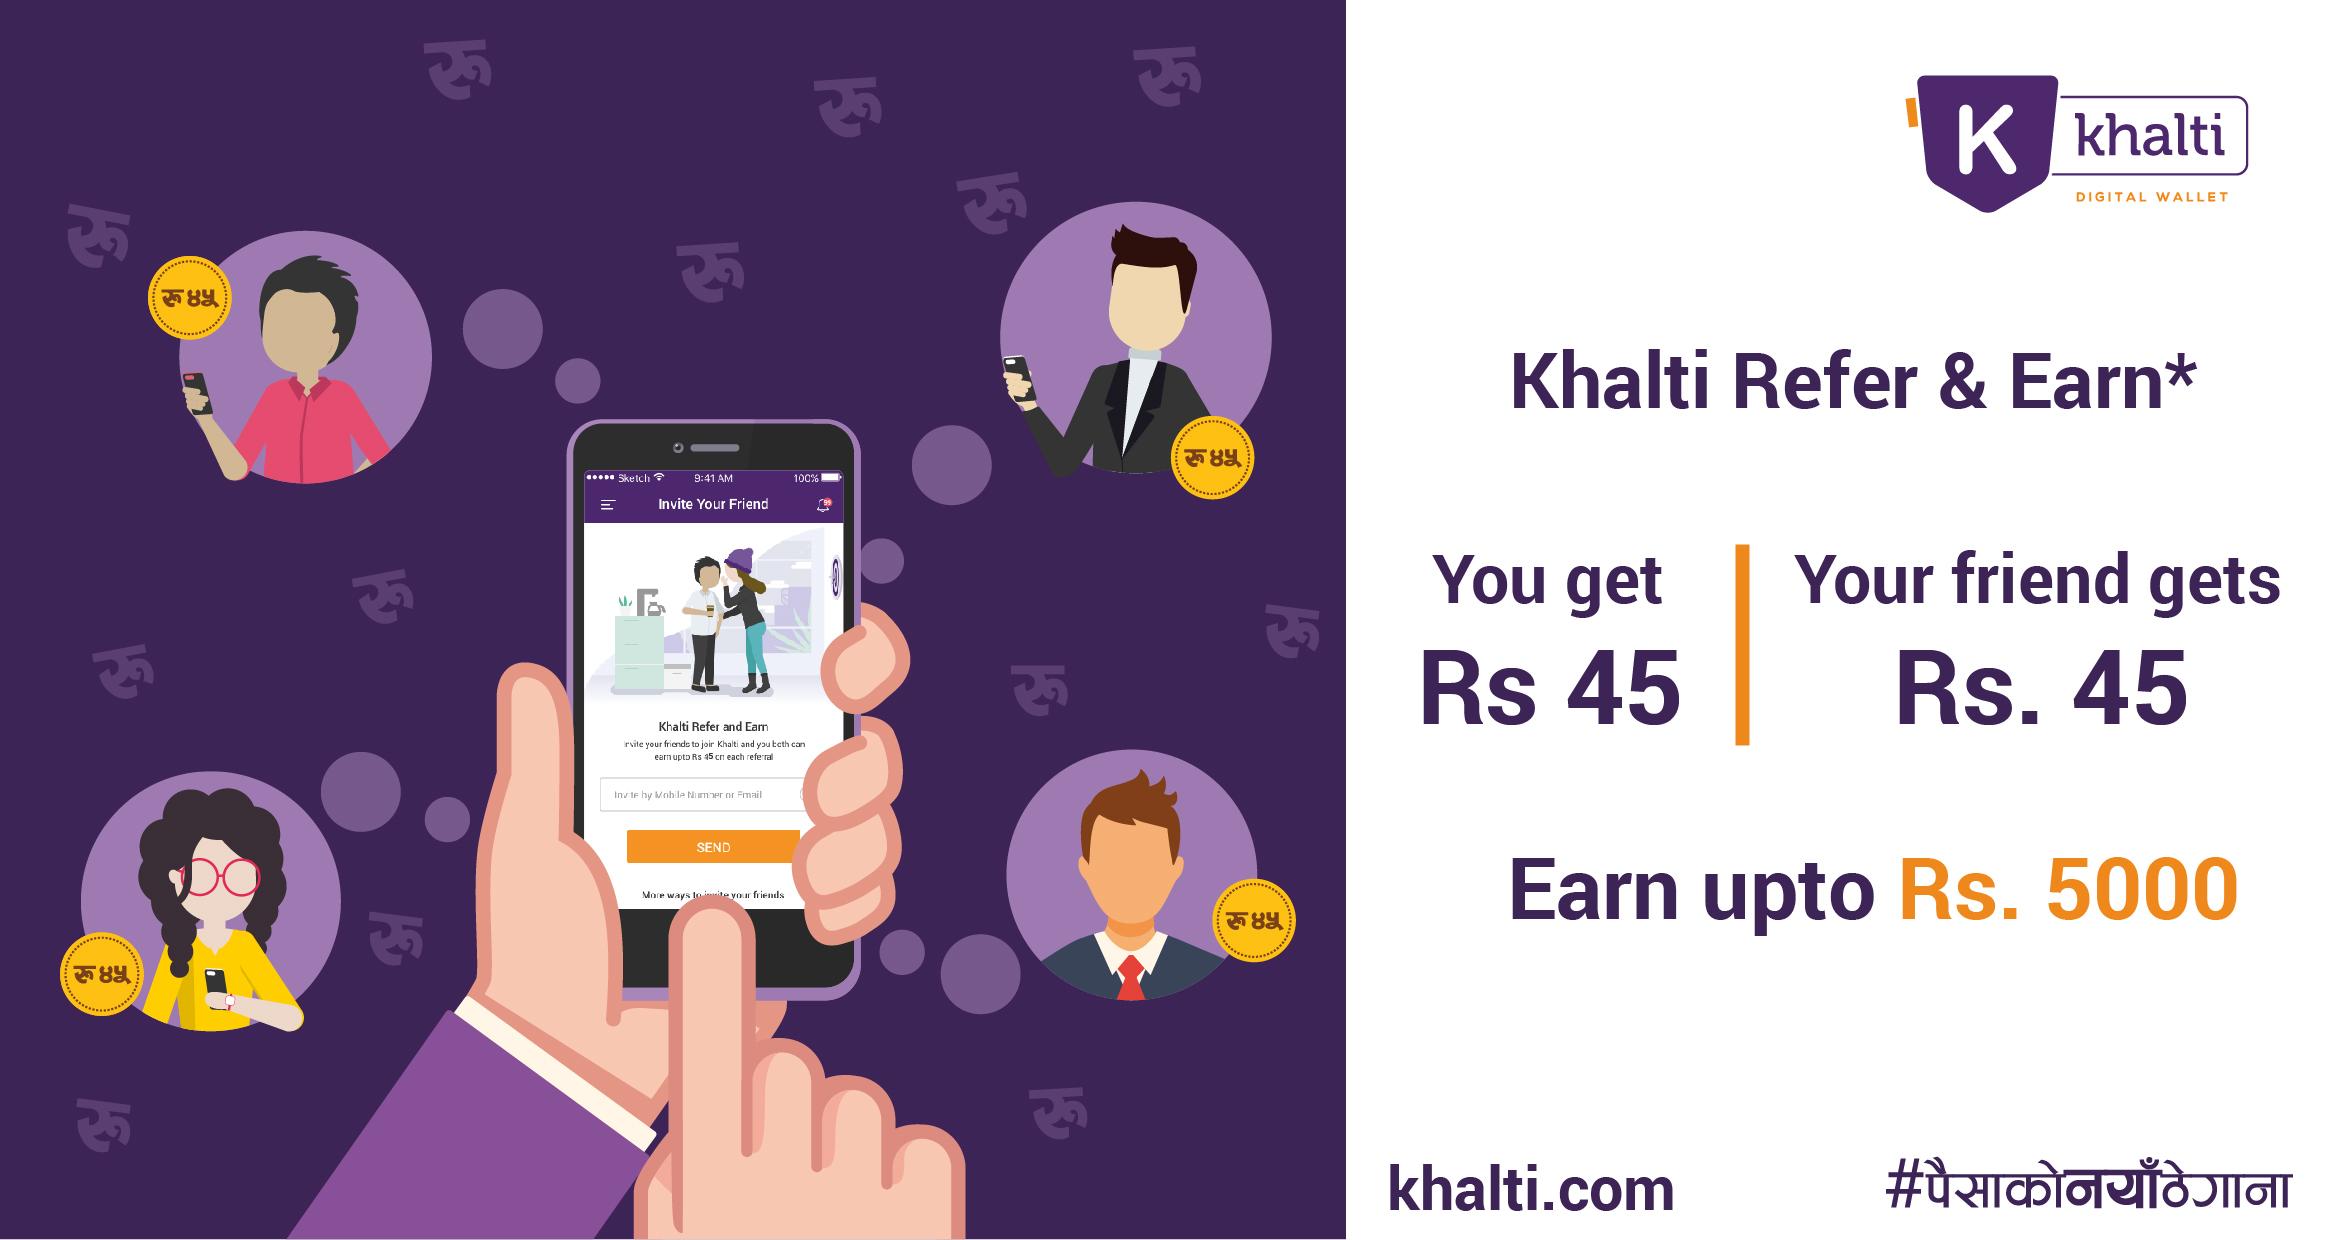 Few important changes in Khalti's 'Refer & Earn' offer